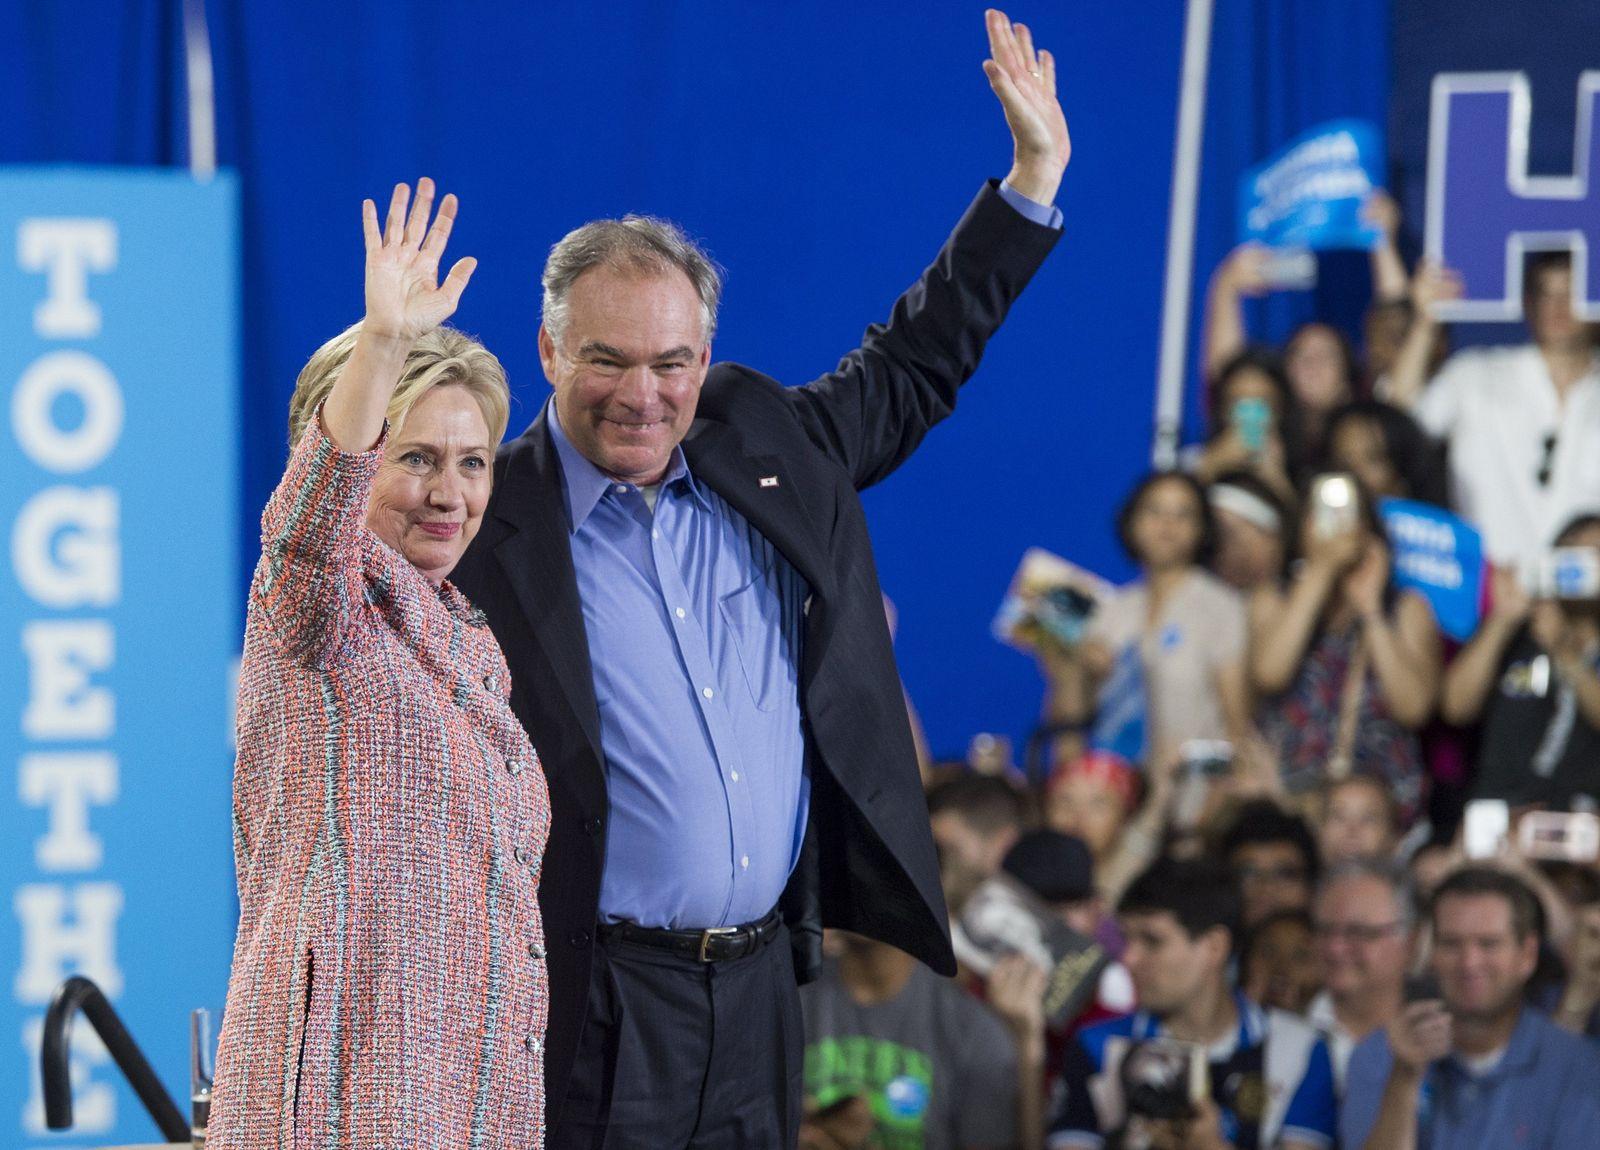 Hillary Clinton / Tim Kaine